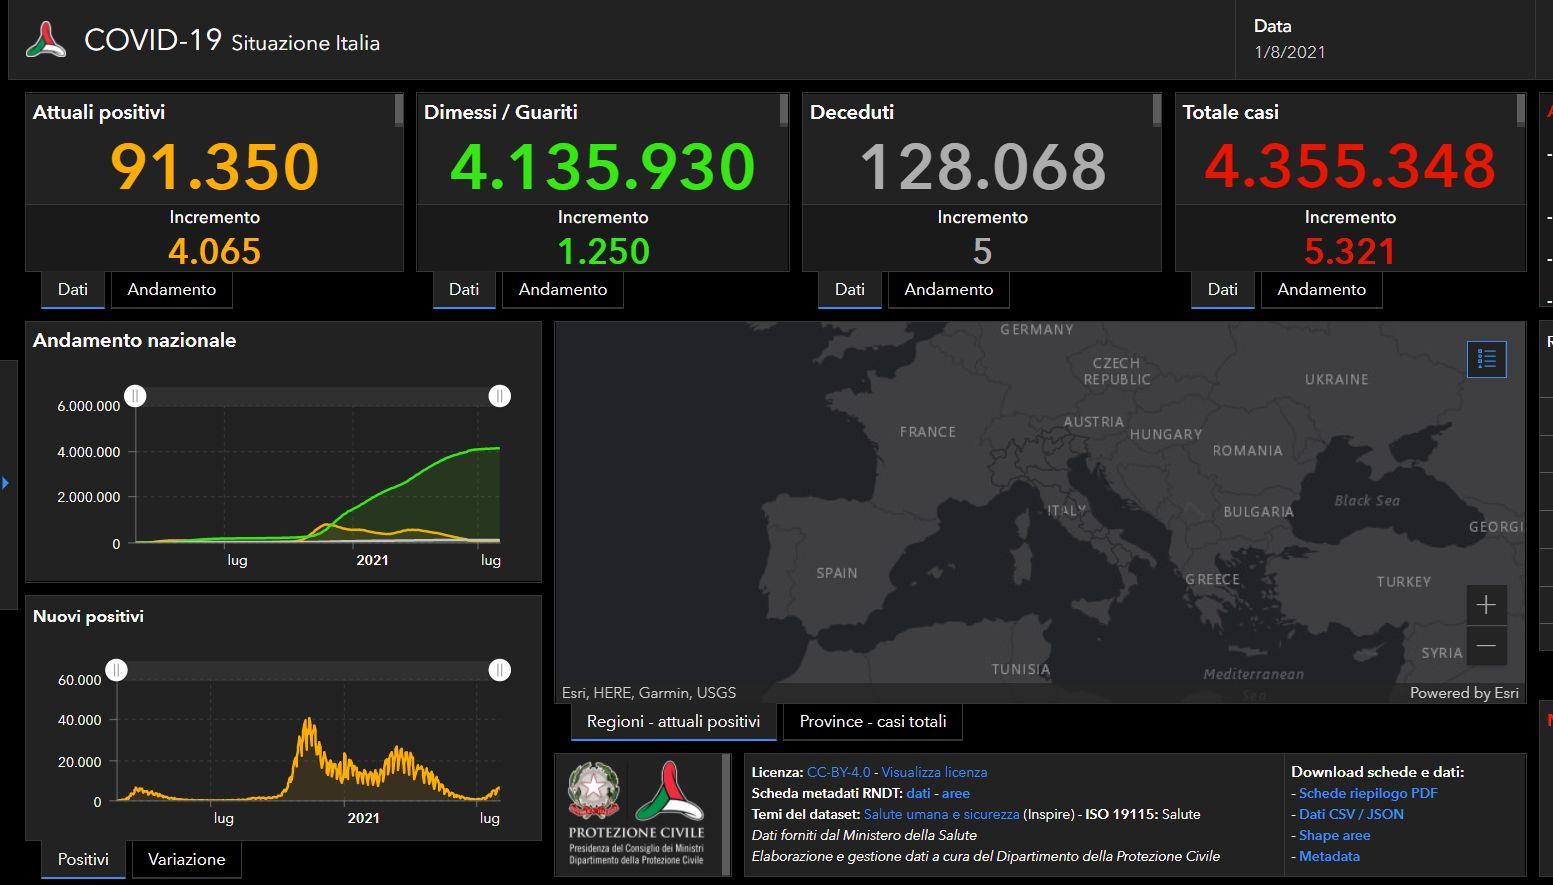 Covid, 5321 nuovi casi in Italia. Cinque vittime nelle ultime ore